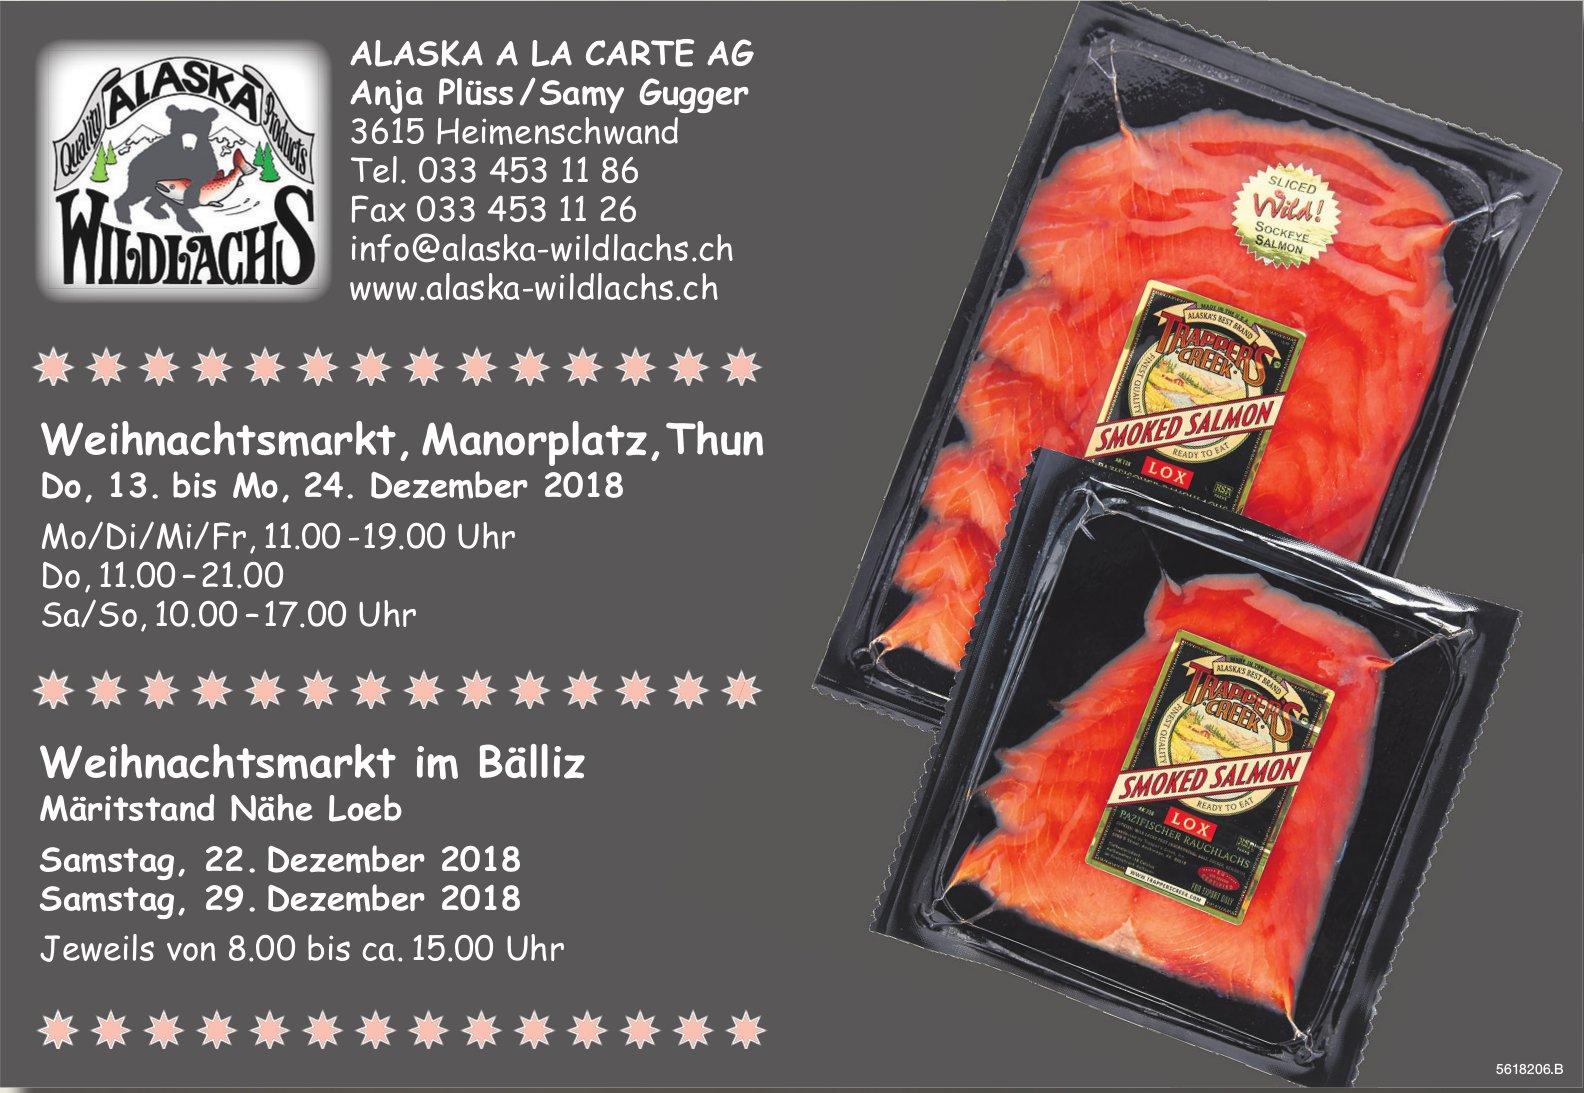 ALASKA A LA CARTE AG - Weihnachtsmarkt, Manorplatz,Thun + Weihnachtsmarkt im Bälliz